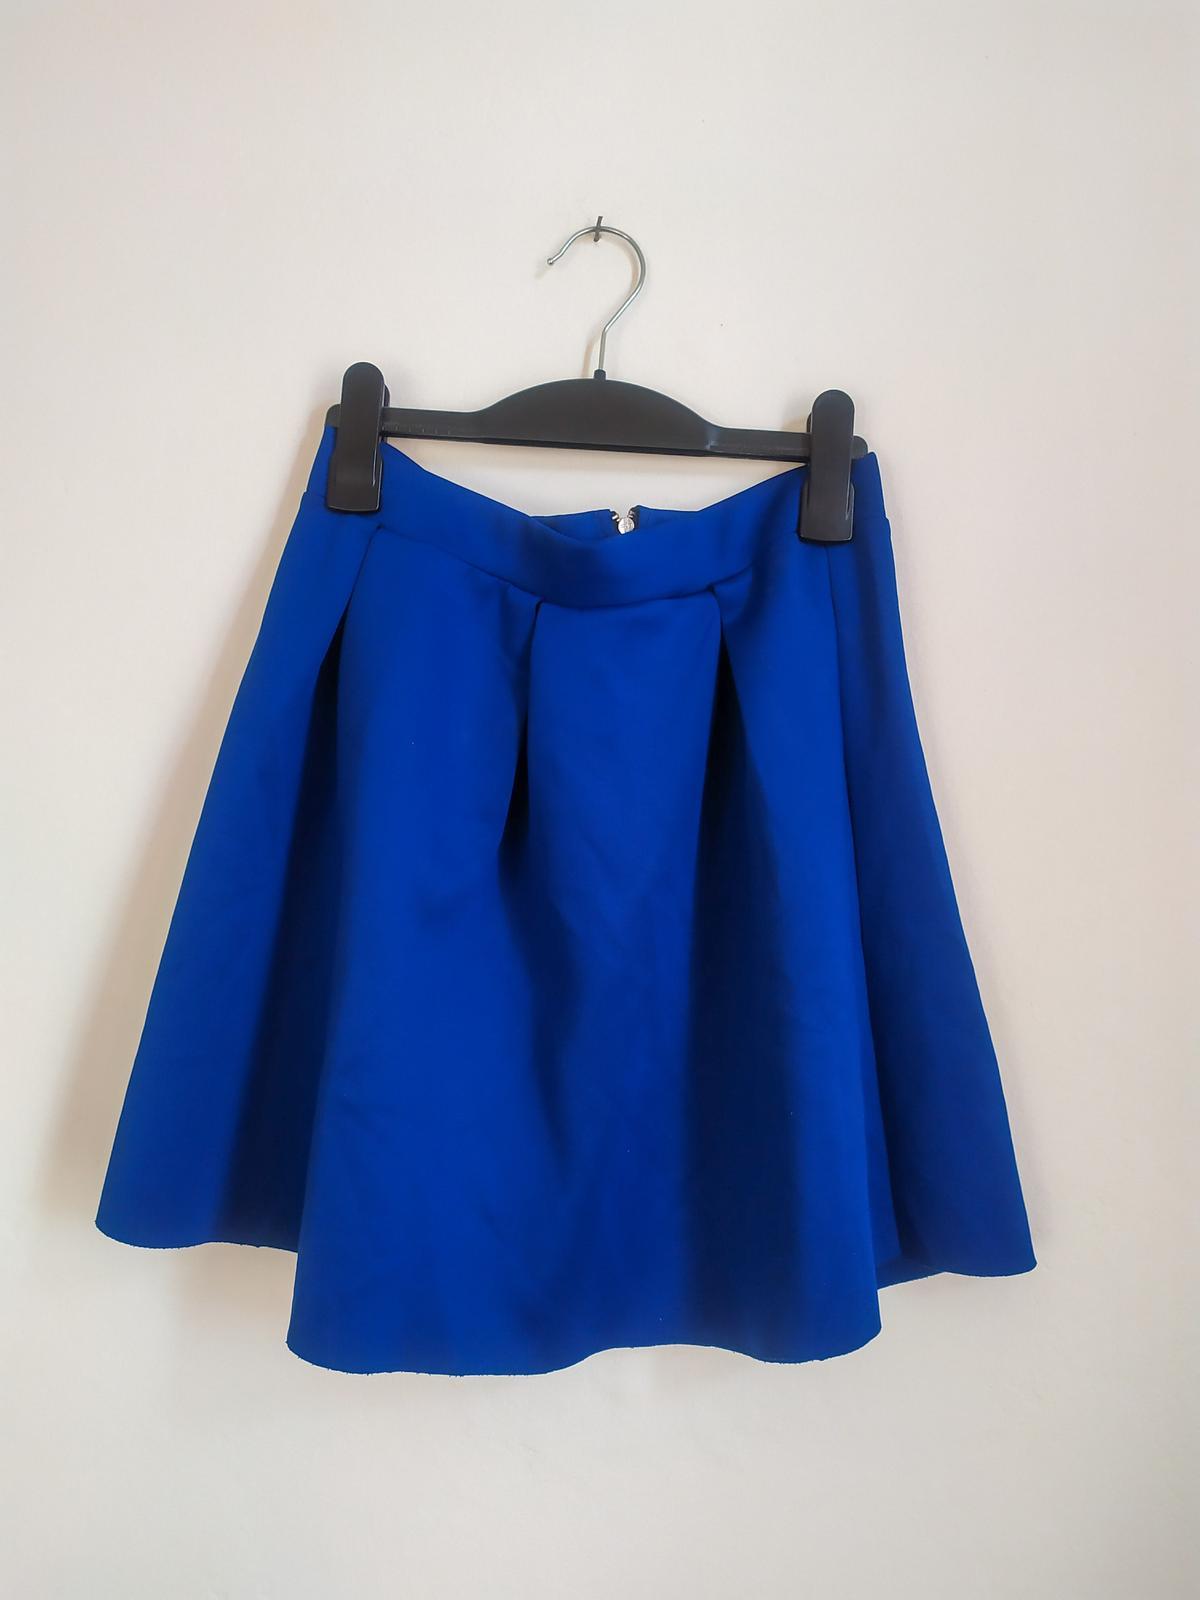 Královsky modrá skládaná mini sukně H&M - vel. 38 - Obrázek č. 1